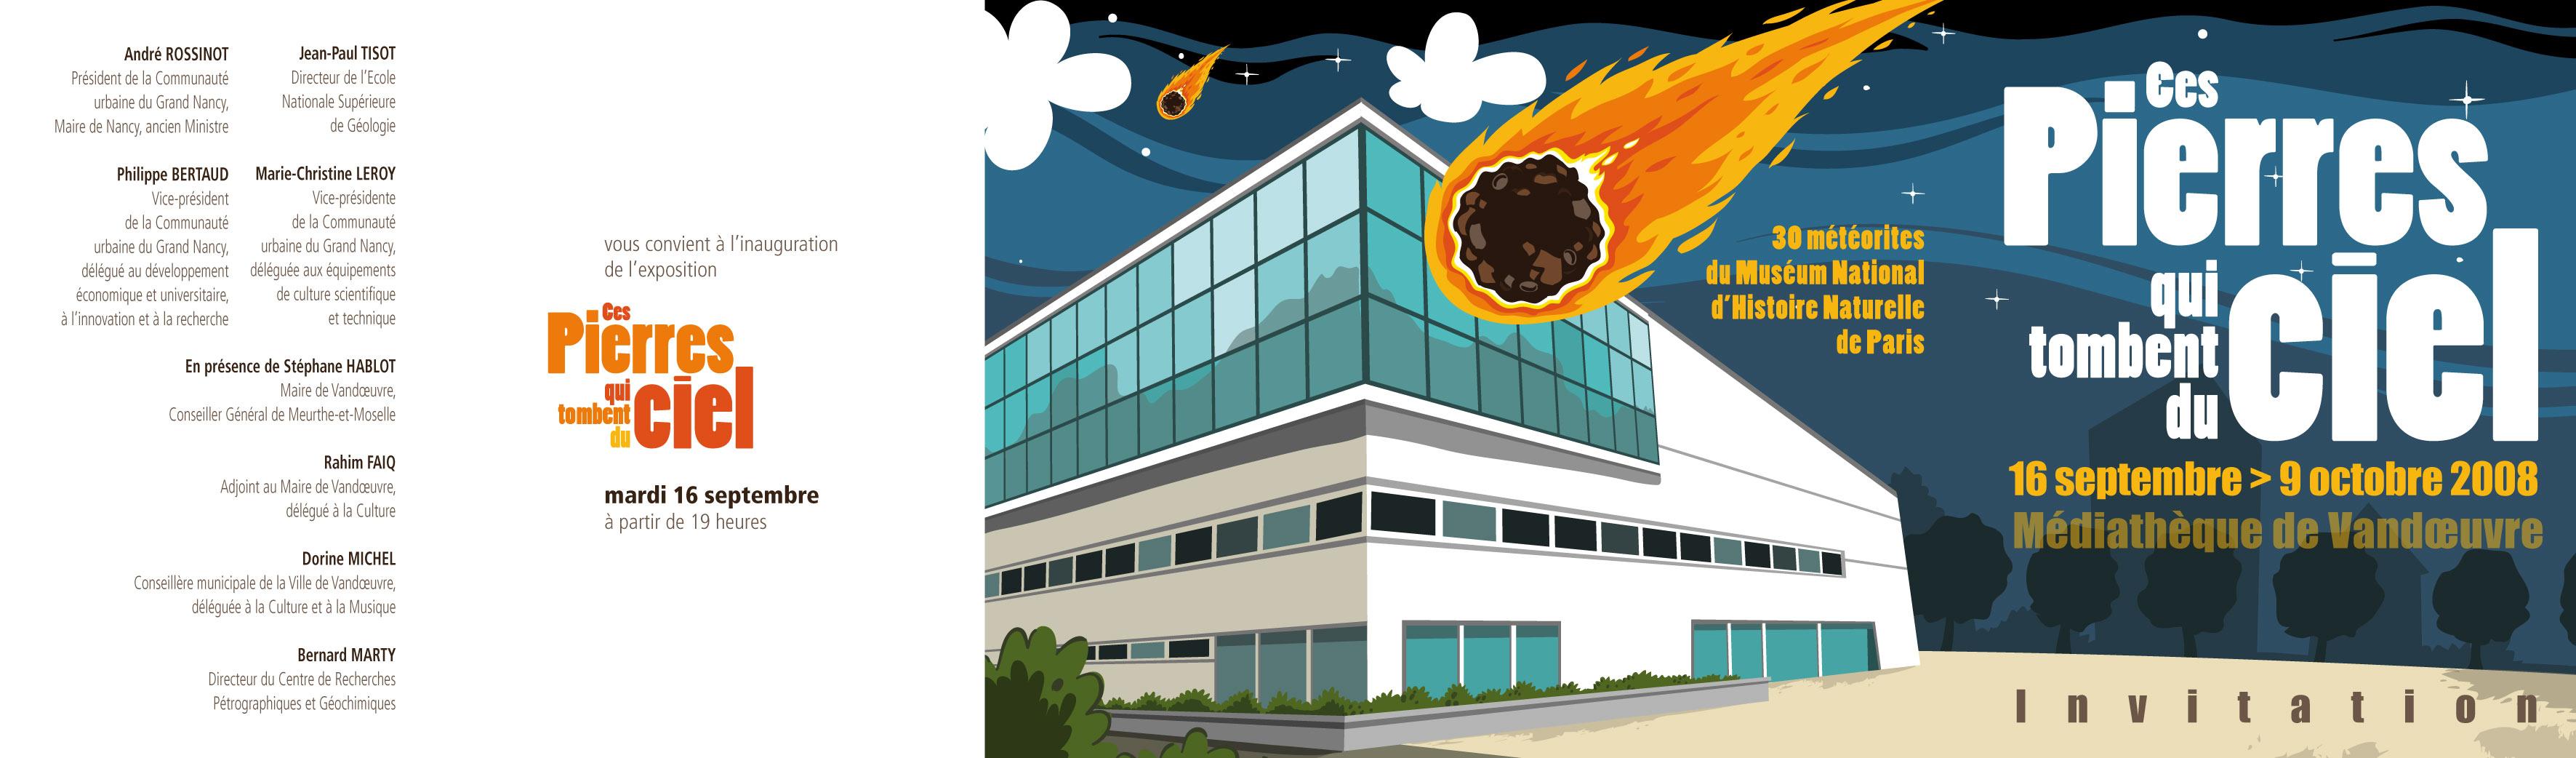 invit-meteorites-2